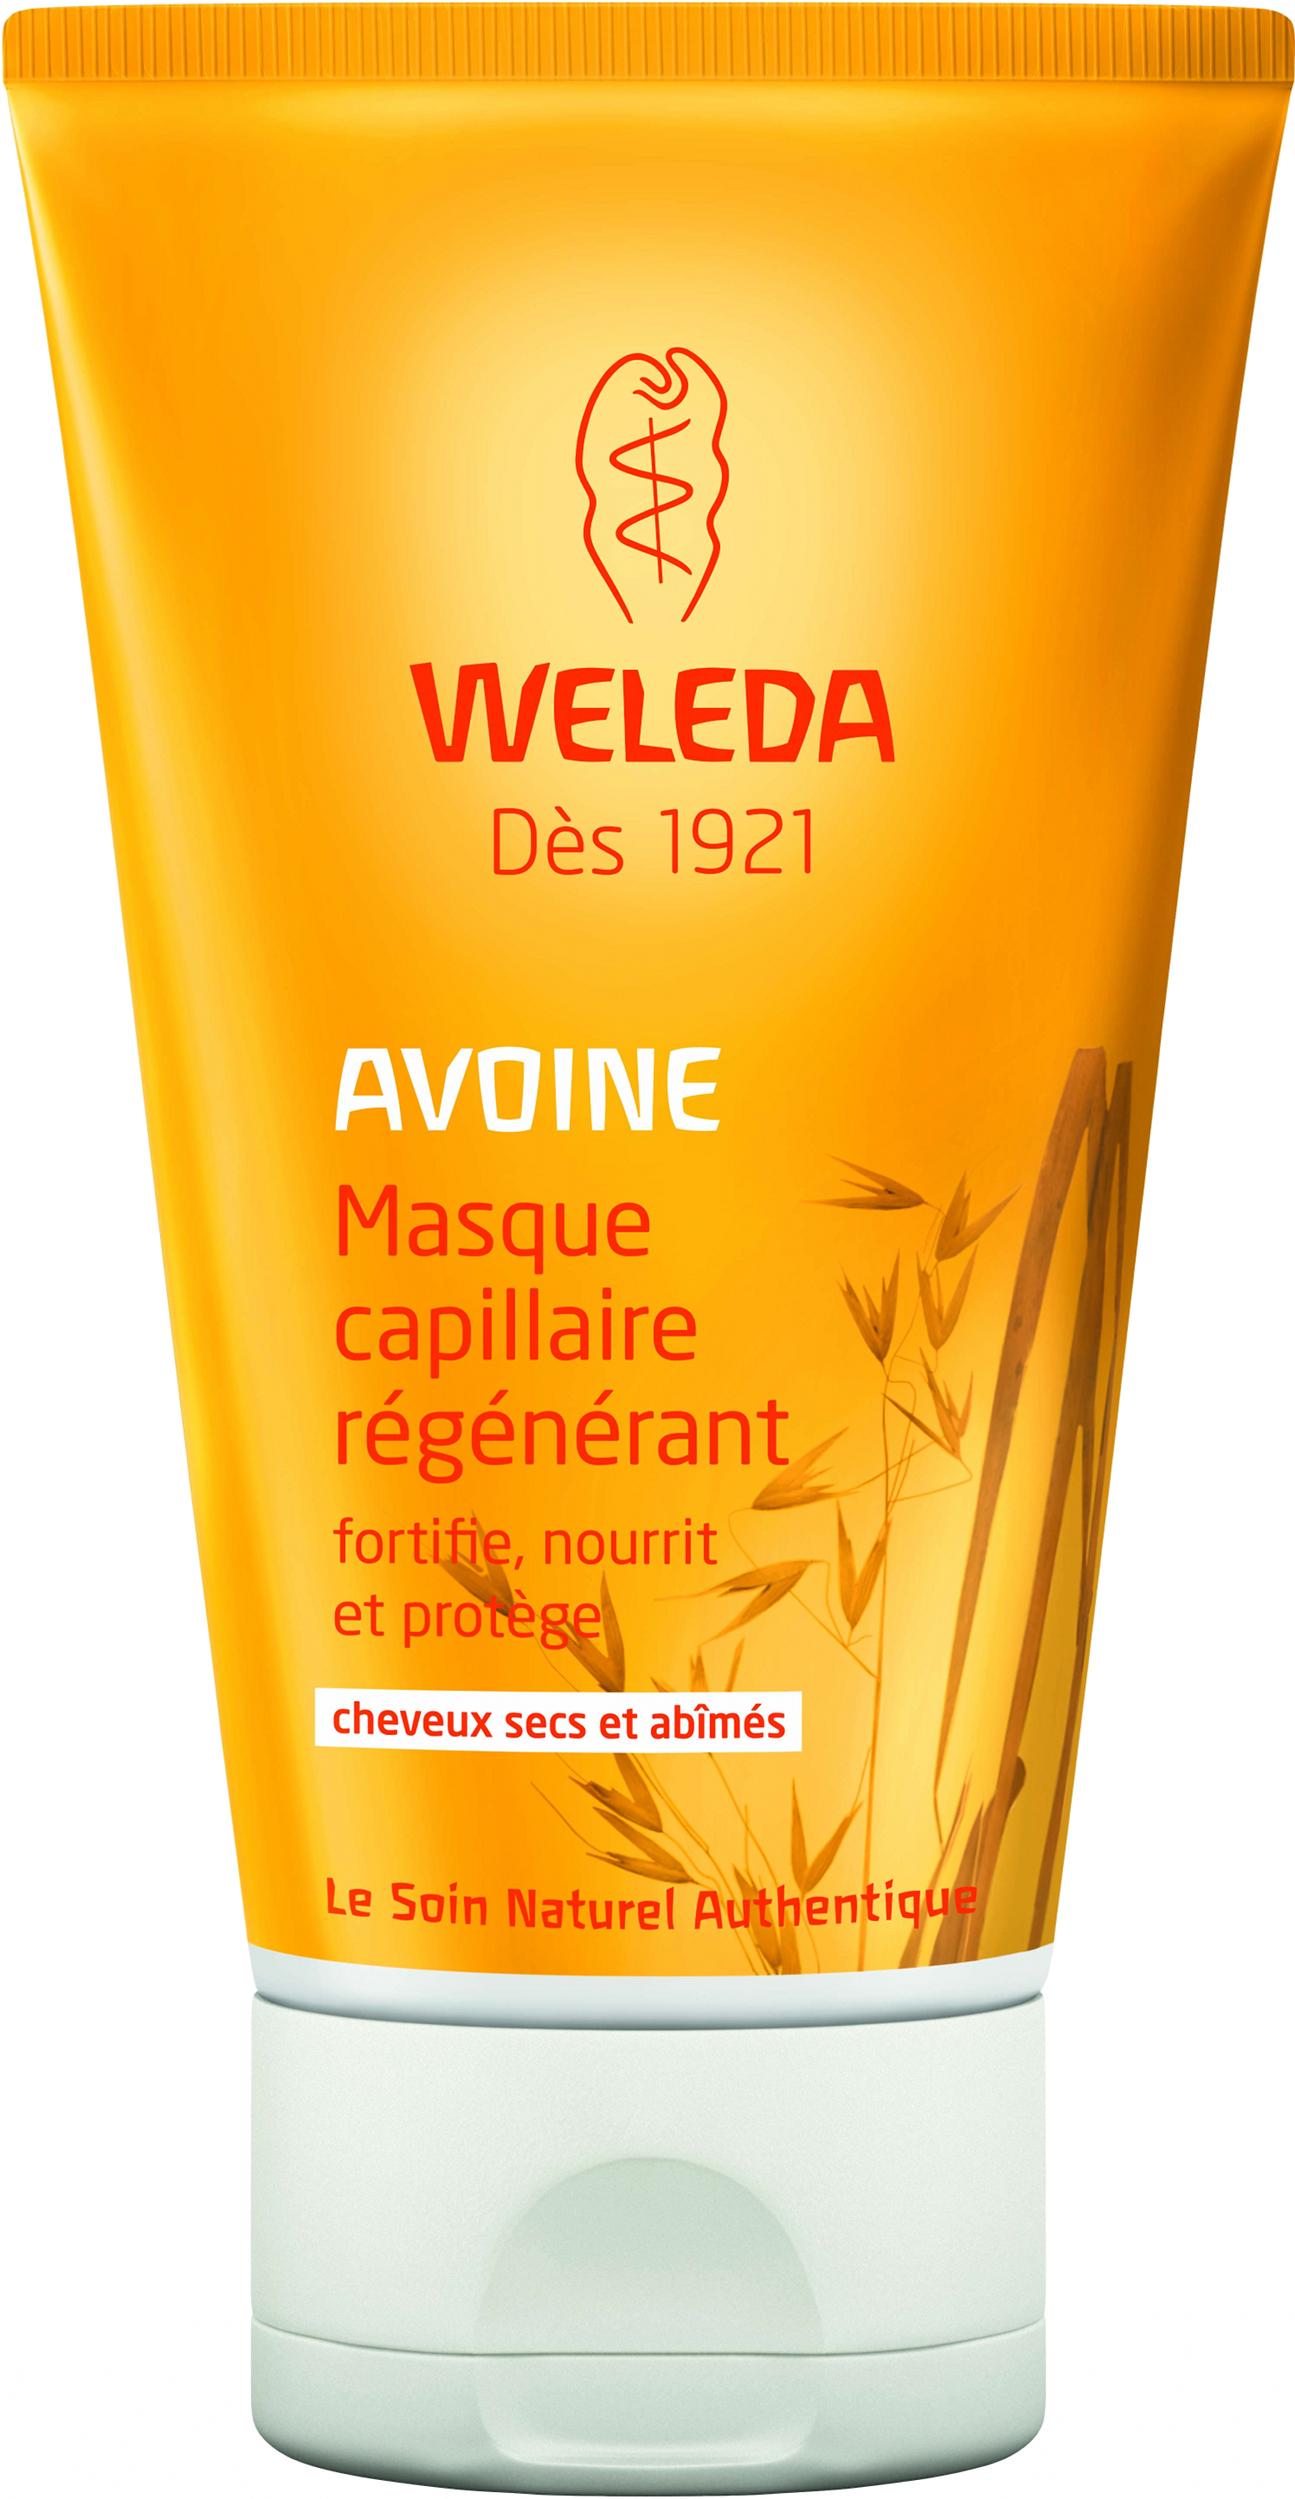 Doux Good - Weleda - masque capillaire avoine régénérant